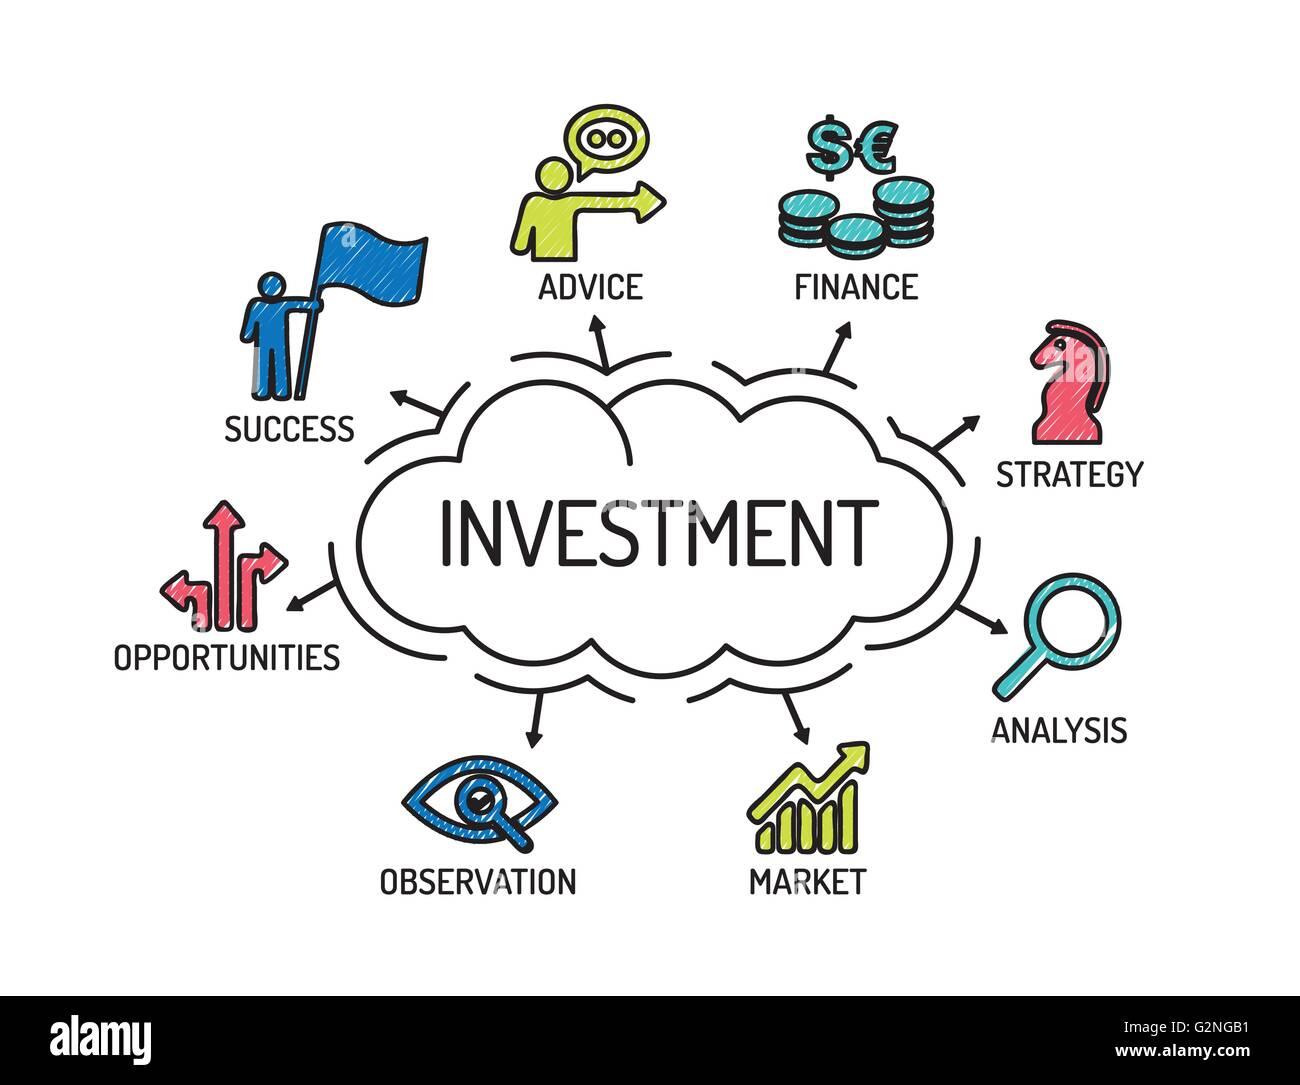 Gli investimenti. Grafico con le parole chiave e le icone. Schizzo Immagini Stock